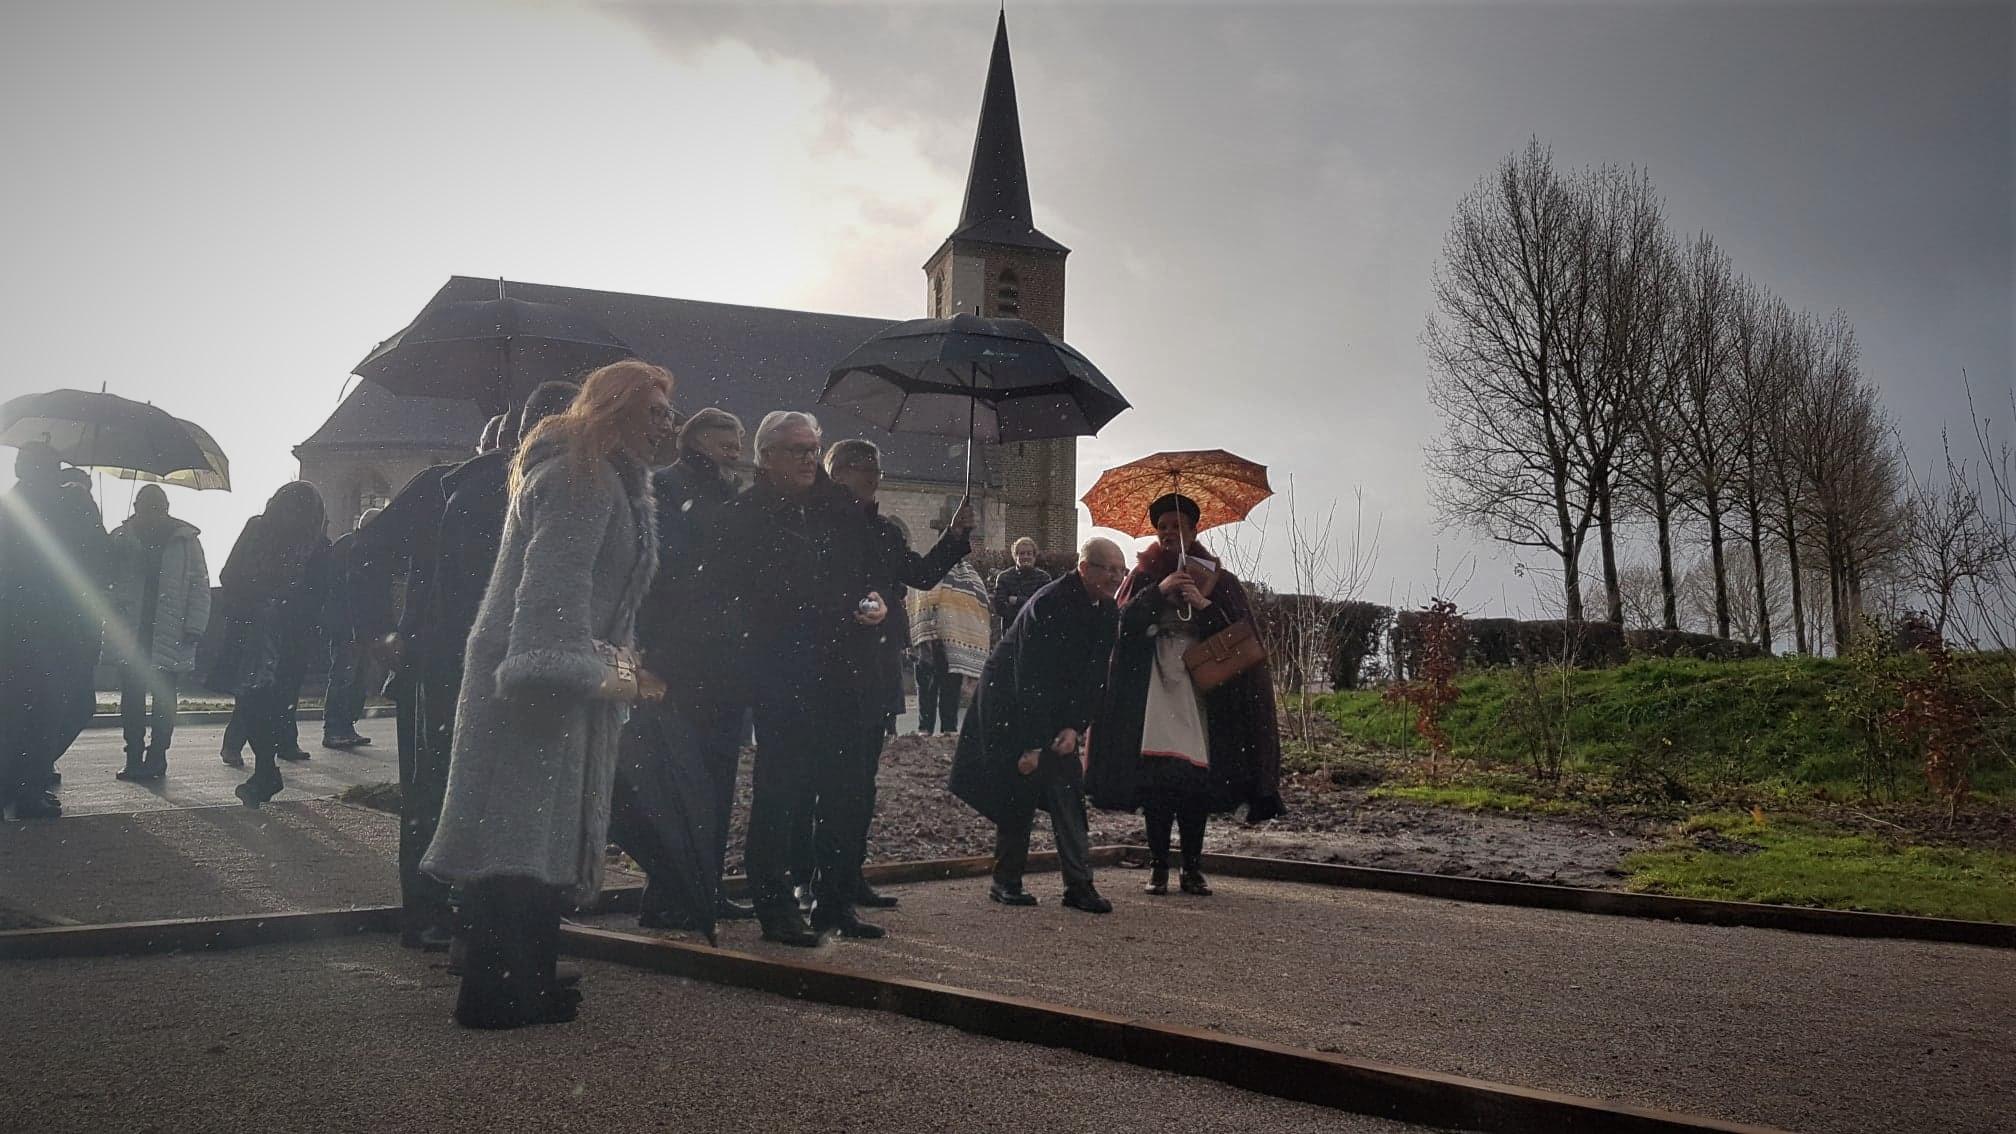 L'église d'Herlincourt rénovée pour faire battre le cœur du village avec culte et culture